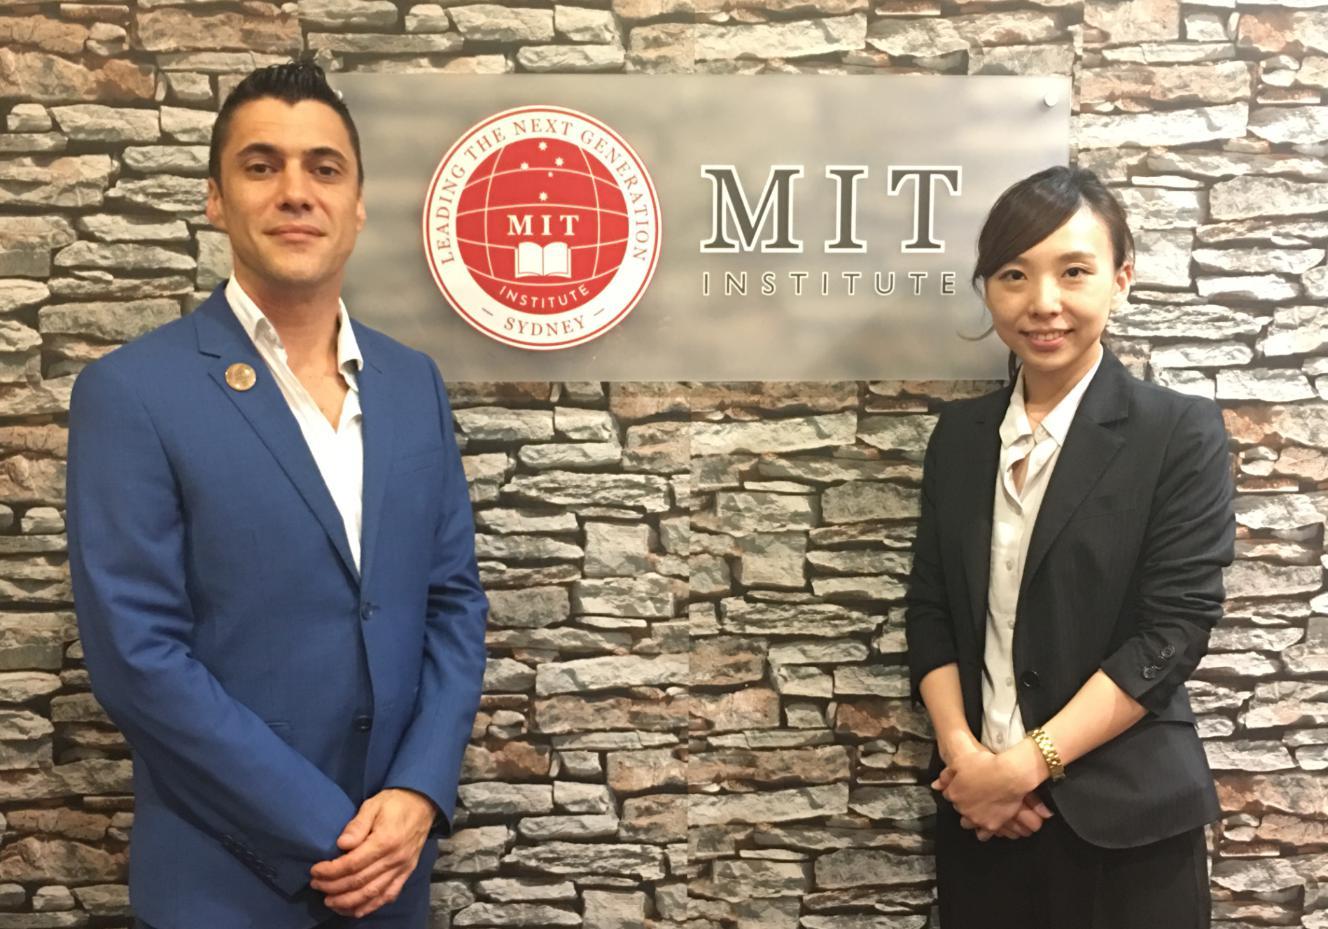 MIT Instituteの教師